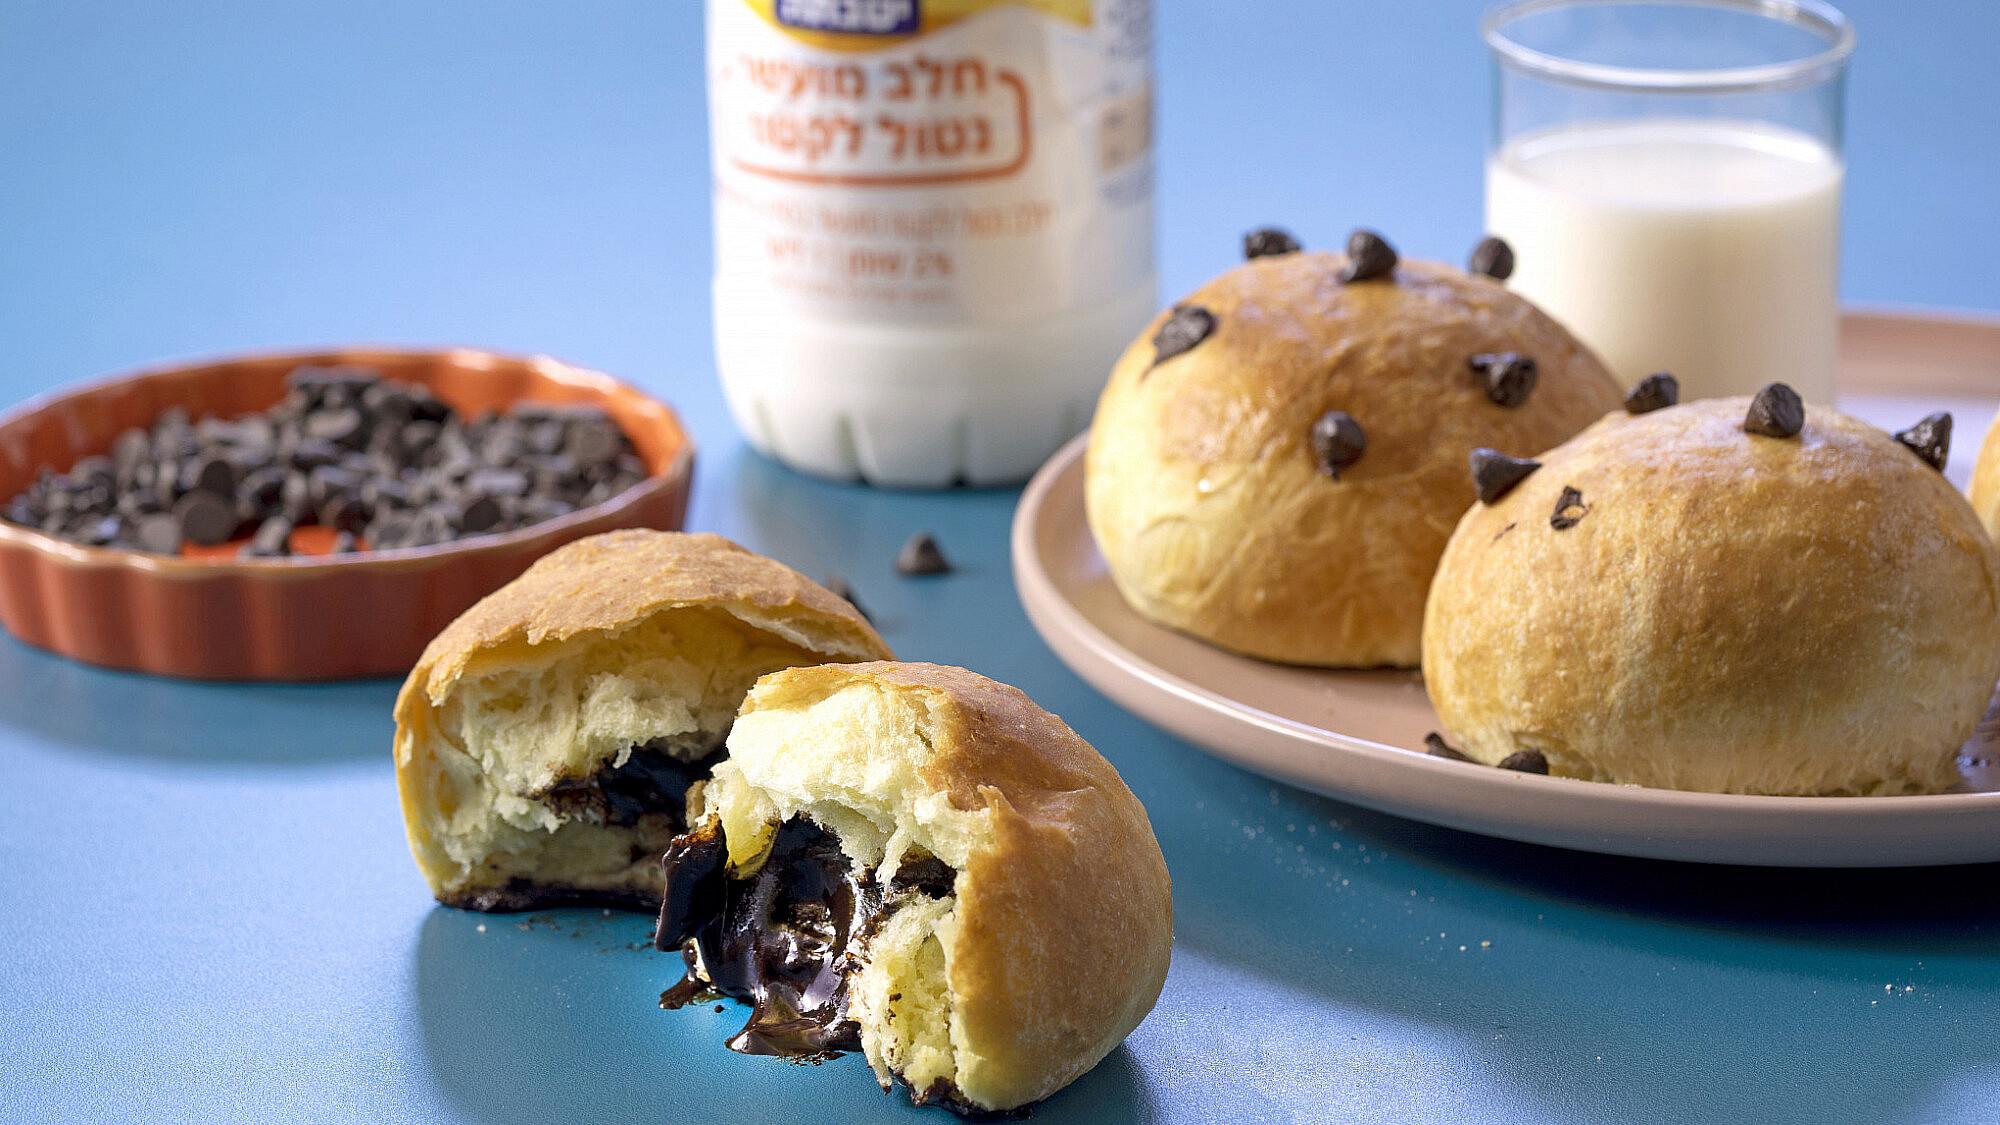 לחמניות חלב ודבש עם שוקולד. צילום: דן לב; סטיילינג: גיא כהן